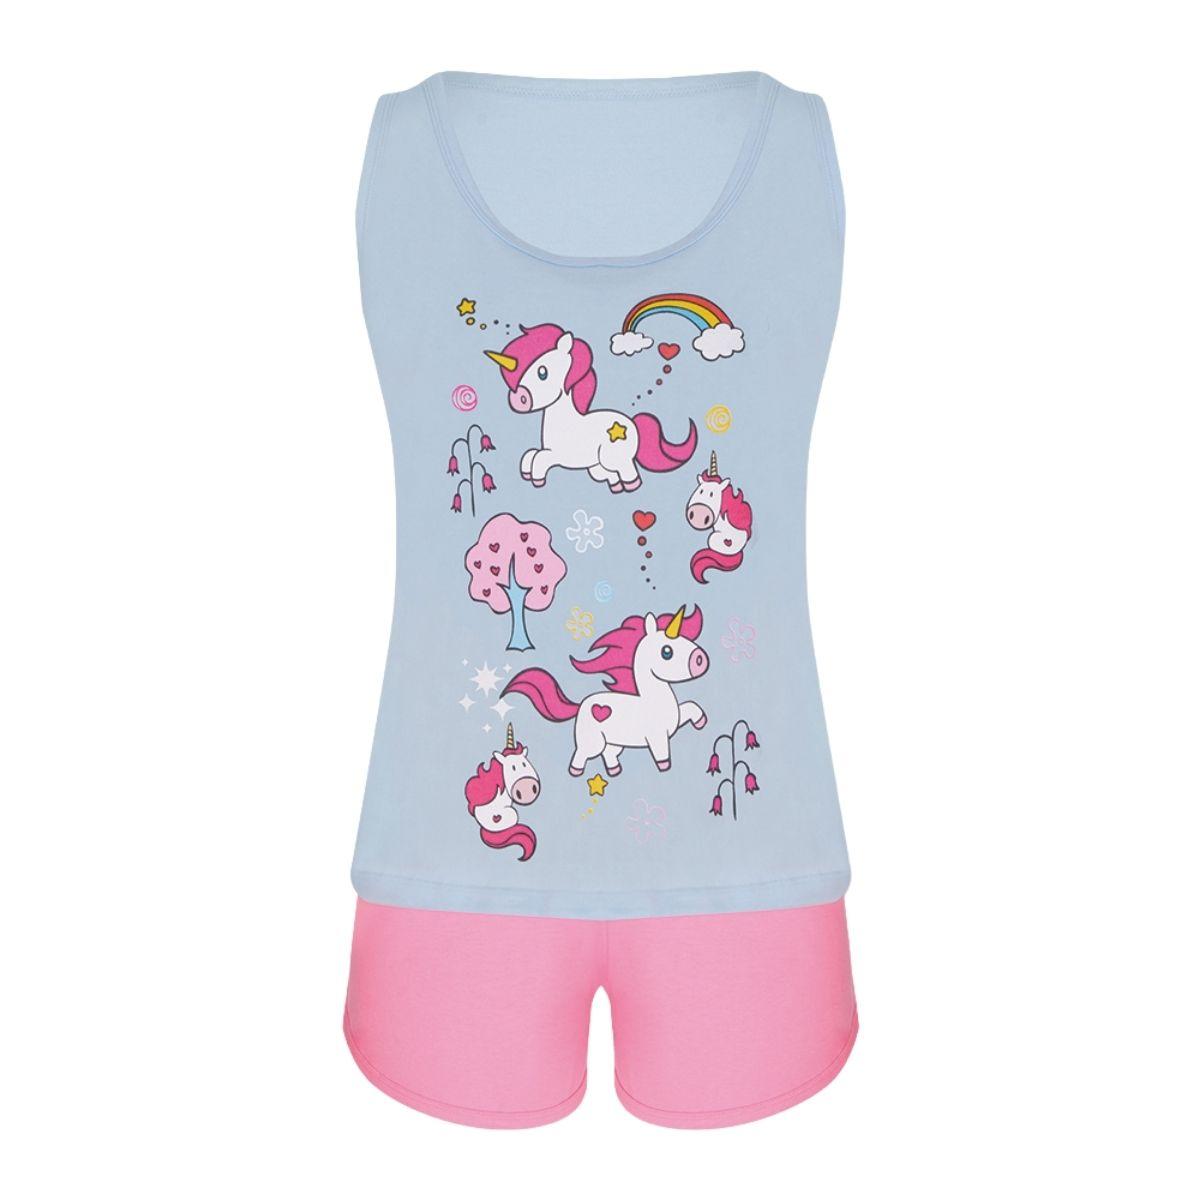 Pijama unicórnio azul/pink fem short algodão regata